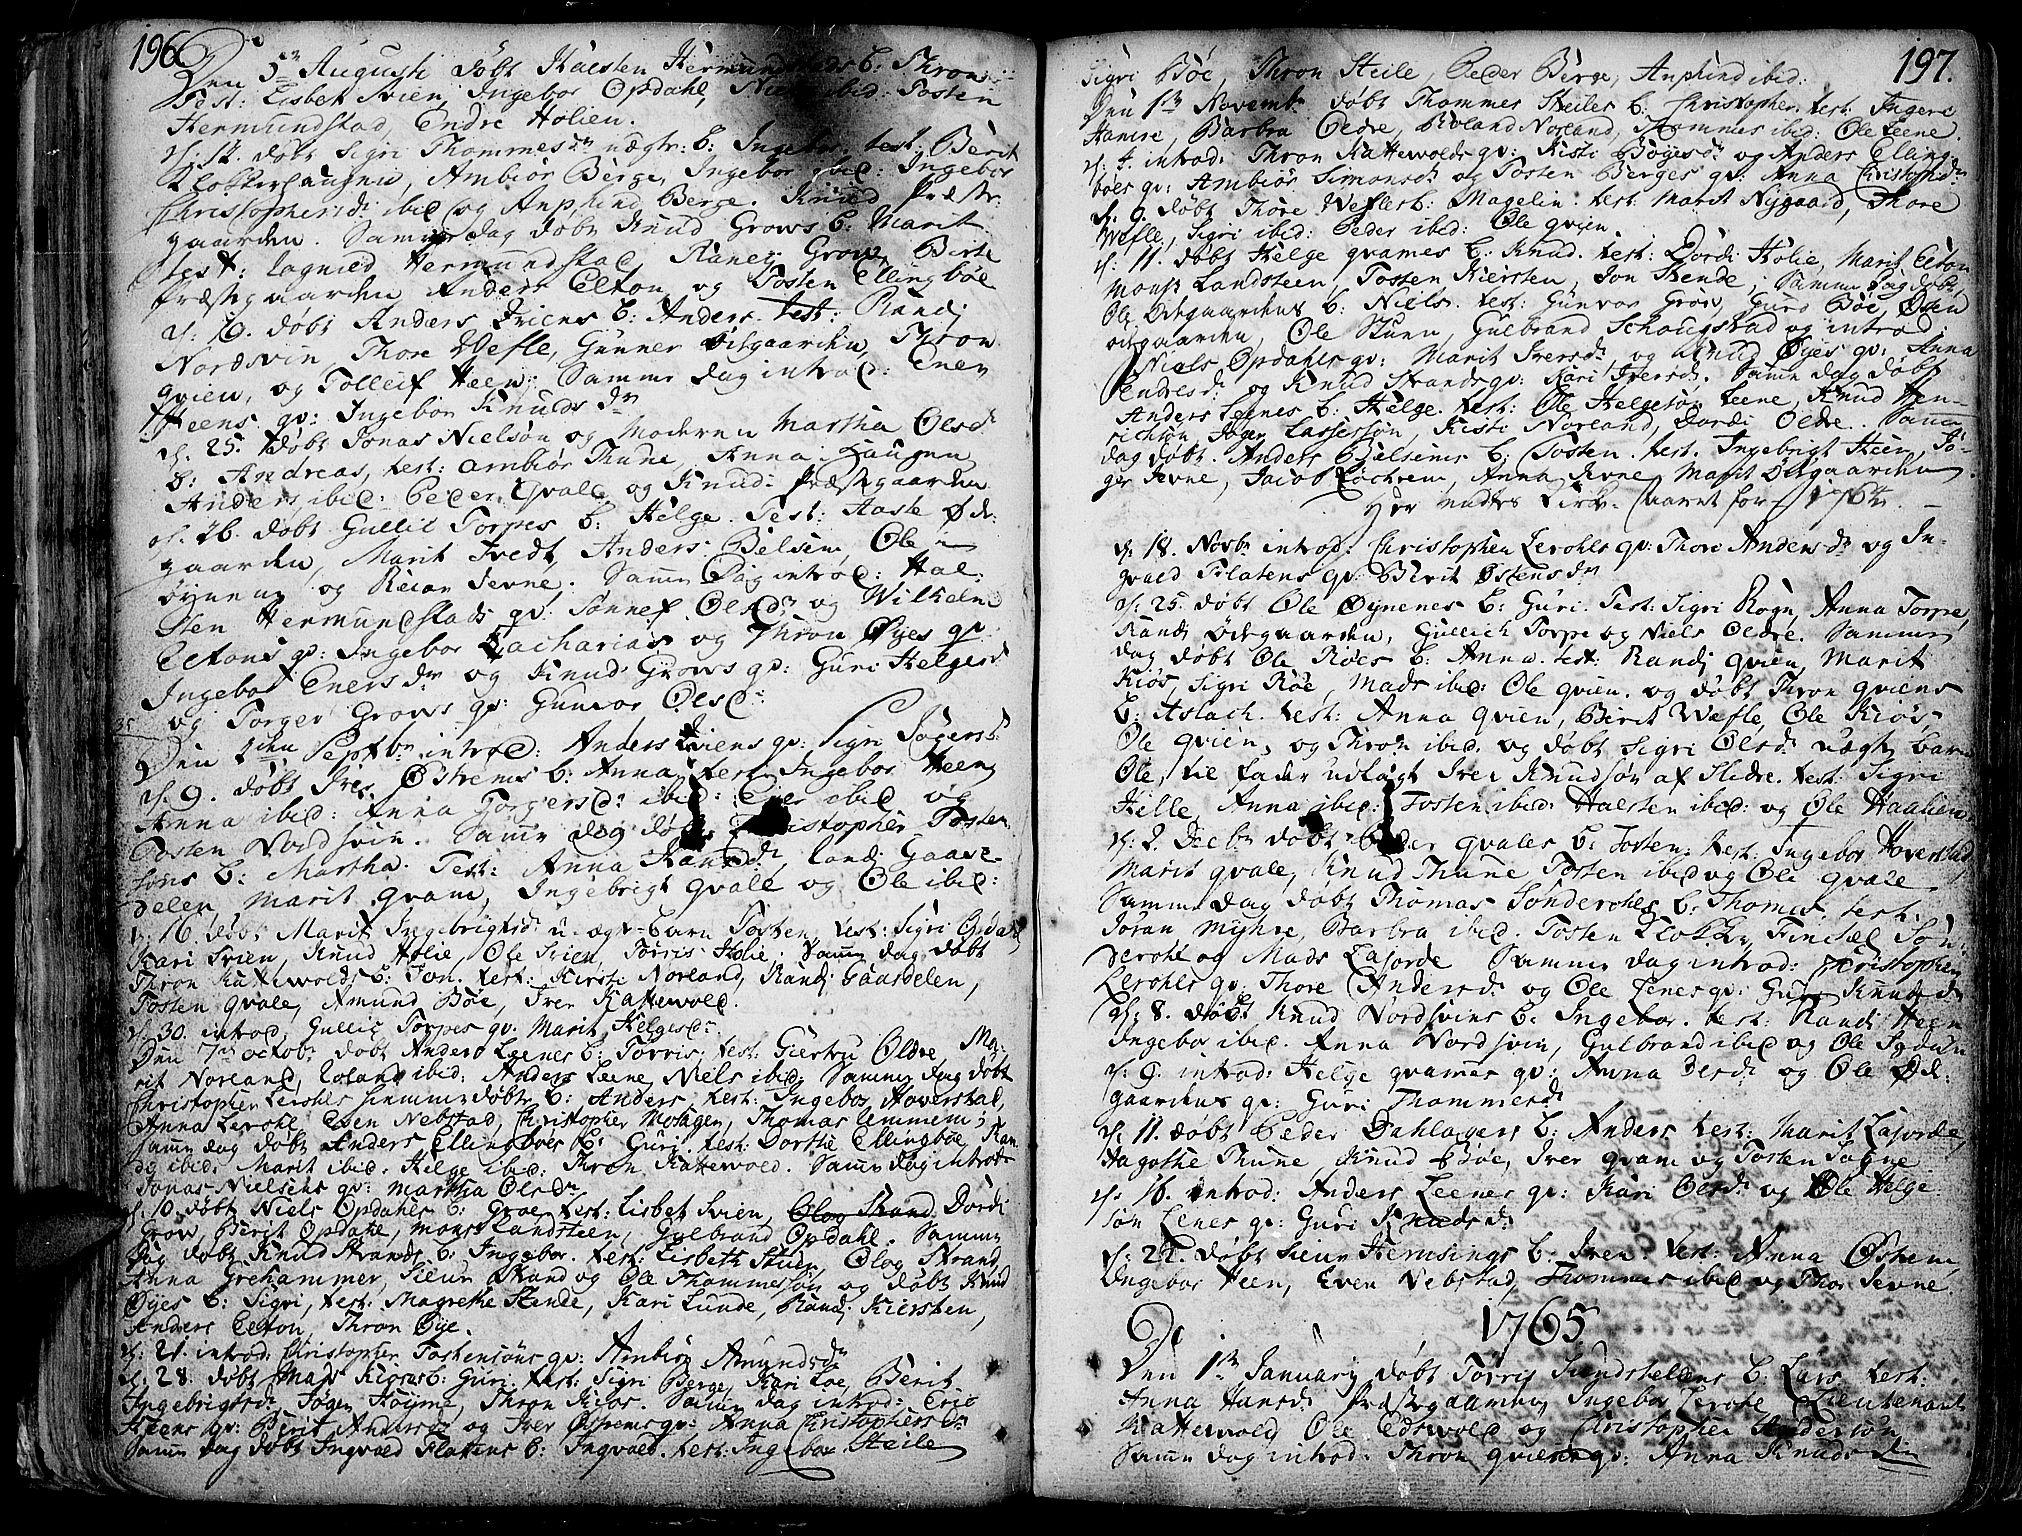 SAH, Vang prestekontor, Valdres, Ministerialbok nr. 1, 1730-1796, s. 196-197